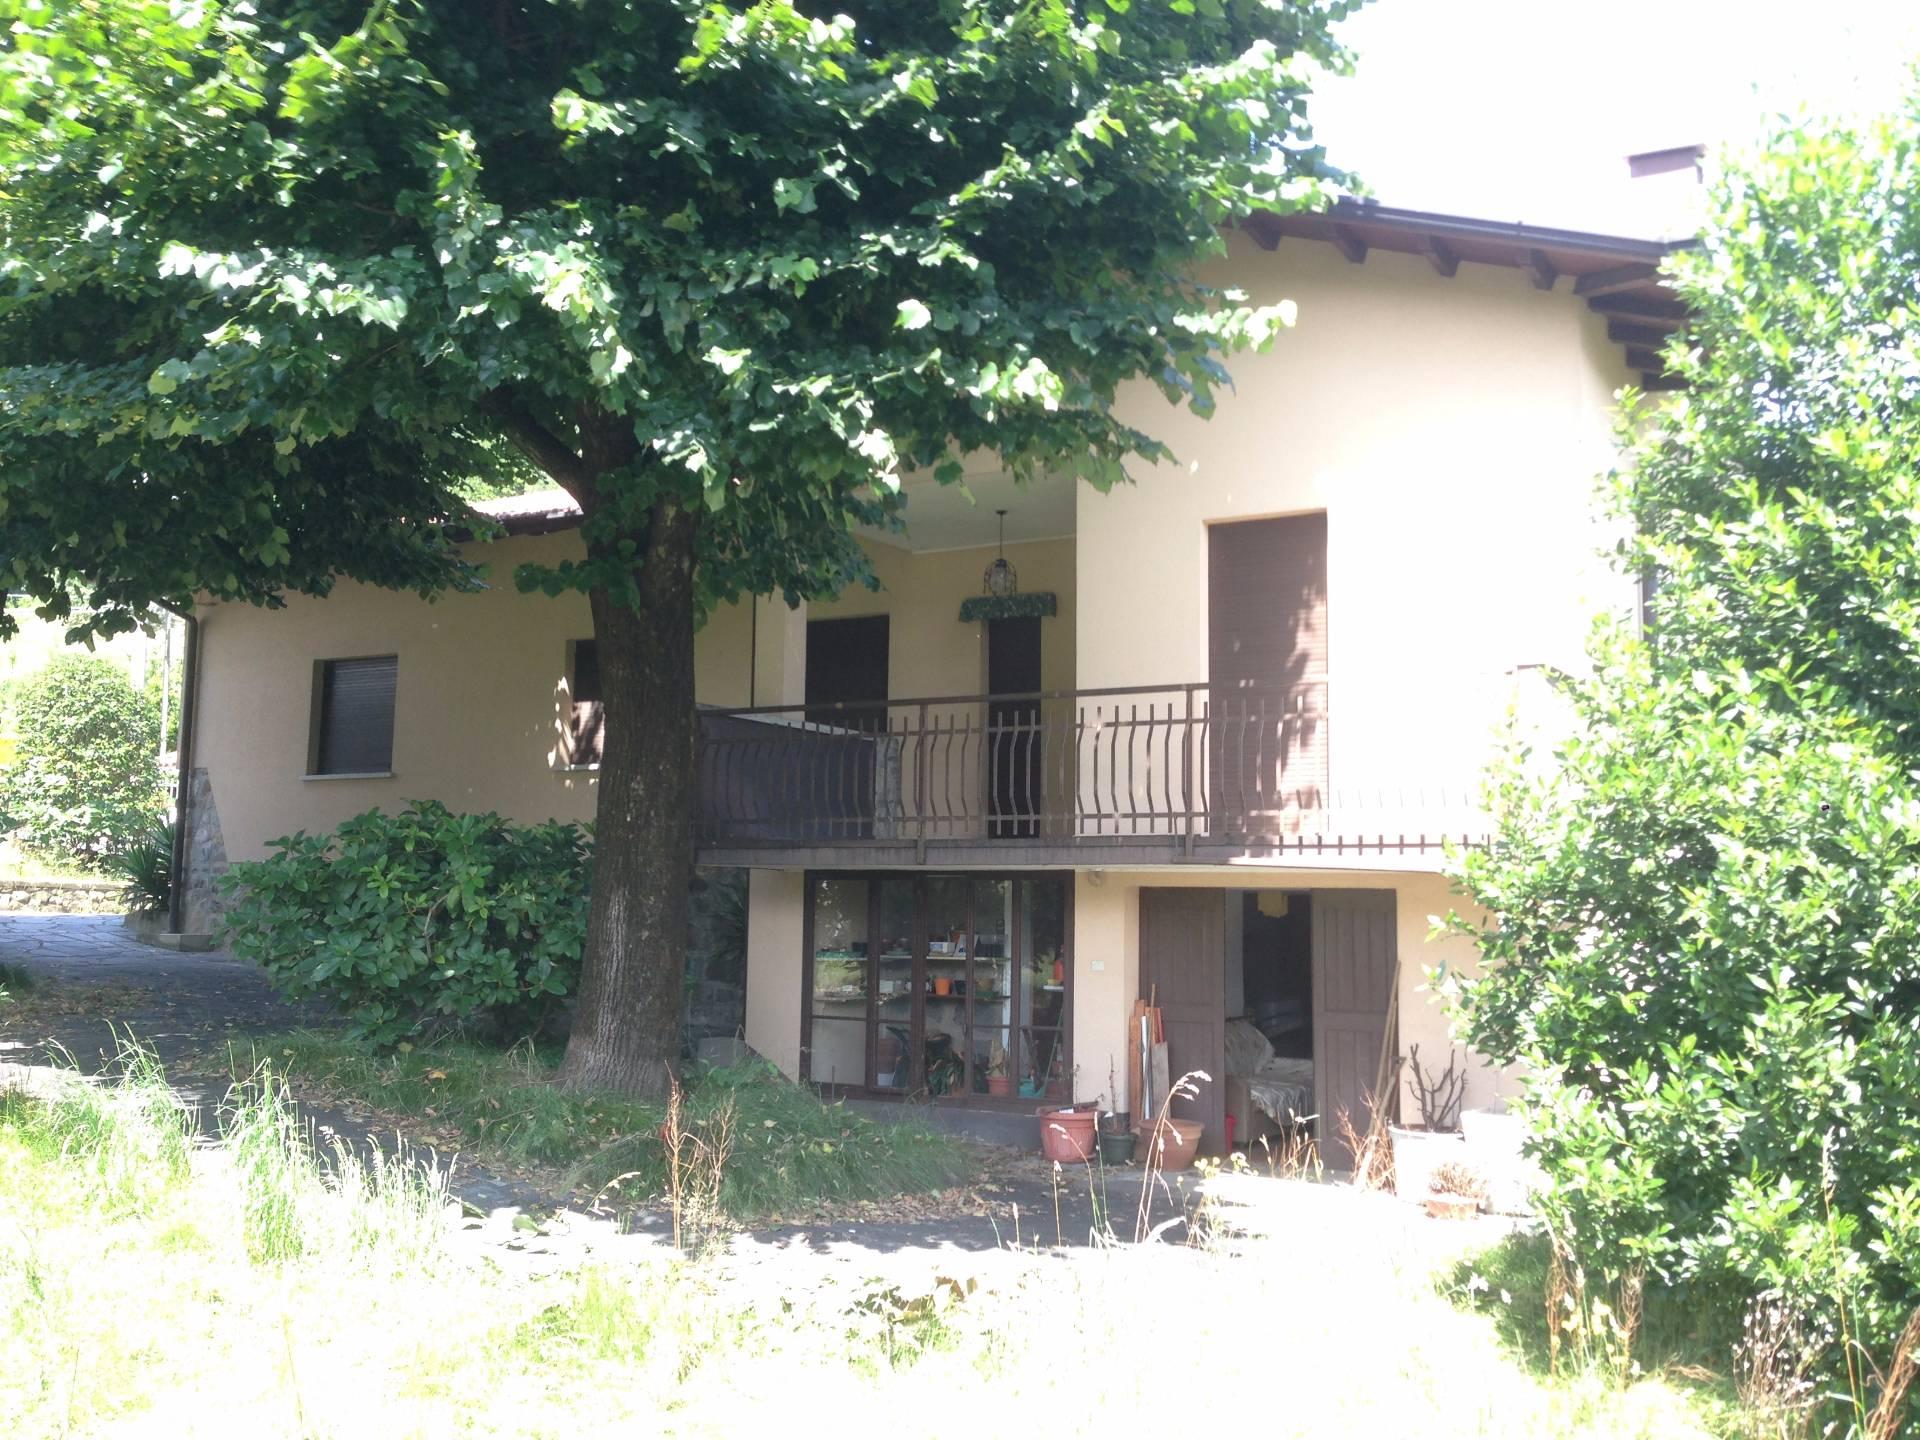 Villa in vendita a Olginate, 3 locali, Trattative riservate | Cambio Casa.it